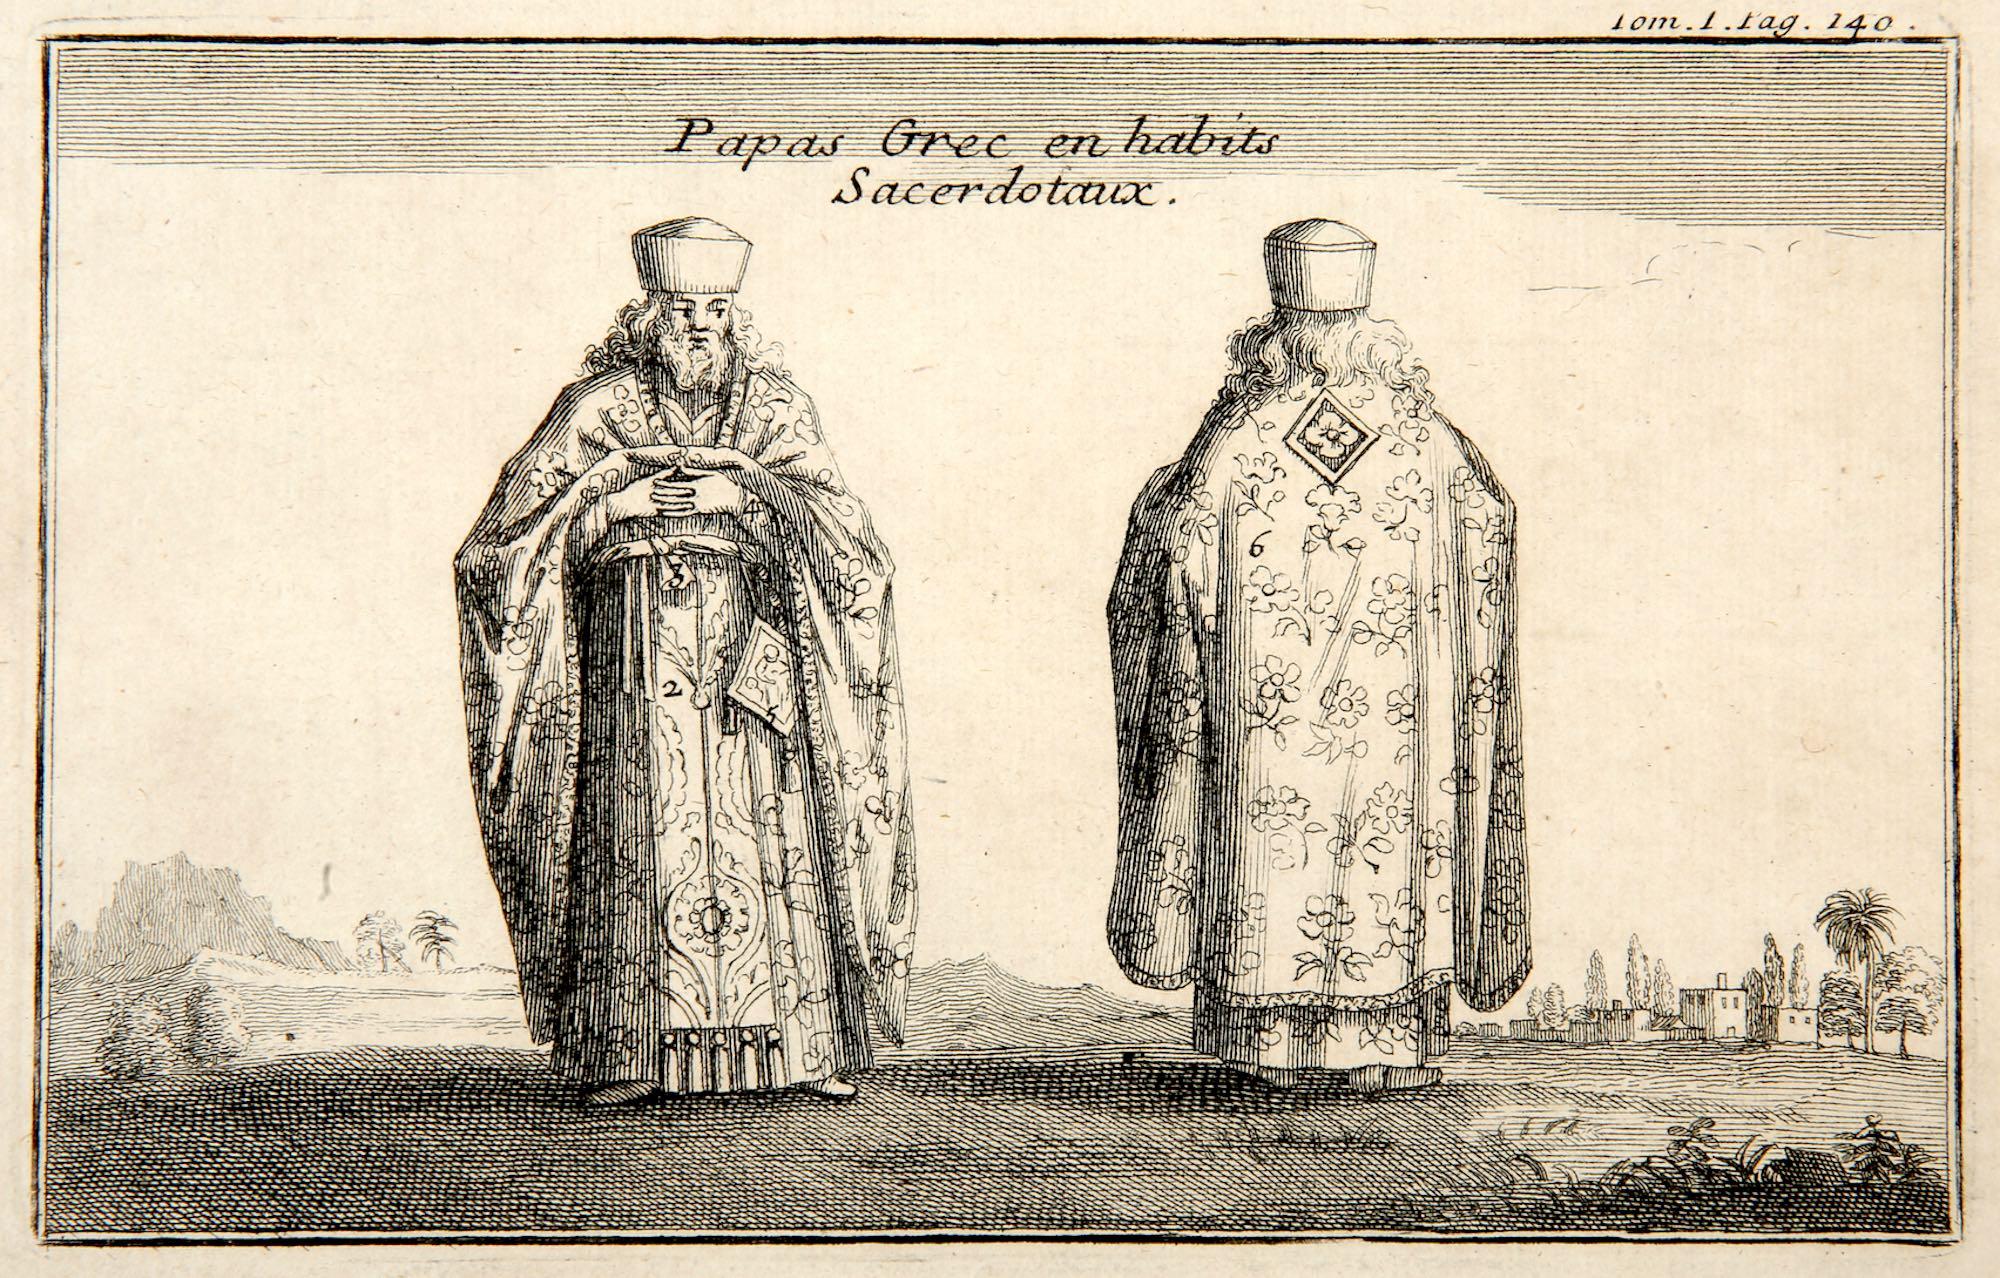 Joseph Pitton de Tournefort | Papas Grec en habits Sacerdotoux